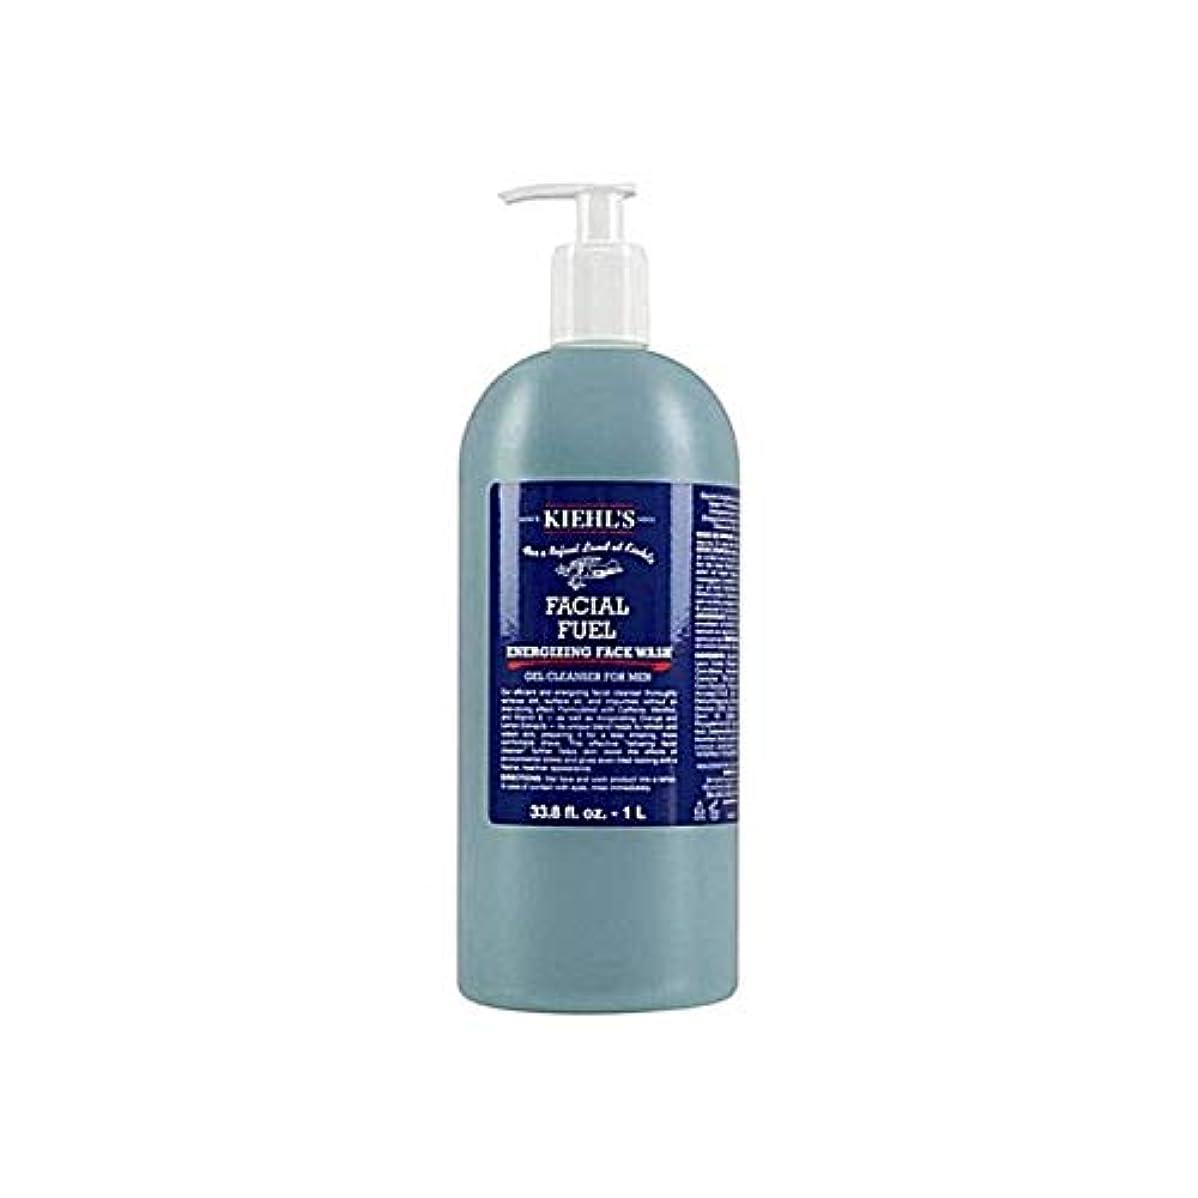 豚肉掻く究極の[Kiehl's] キールズフェイシャル燃料通電洗顔1リットル - Kiehl's Facial Fuel Energising Face Wash 1 Litre [並行輸入品]